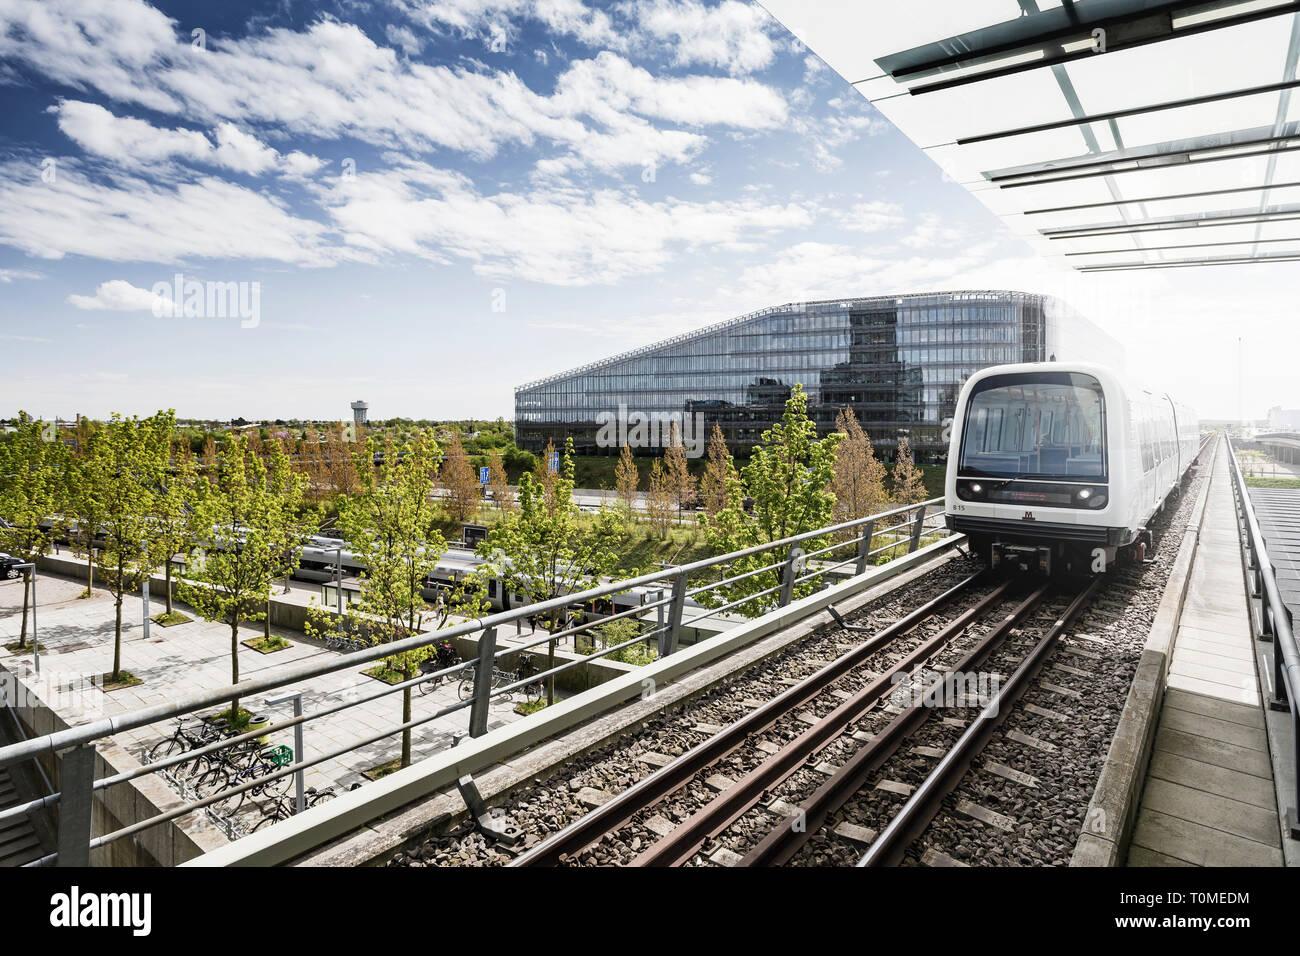 L'architecture moderne et métro, quartier Ørestad, Amager, Copenhague, Danemark Banque D'Images